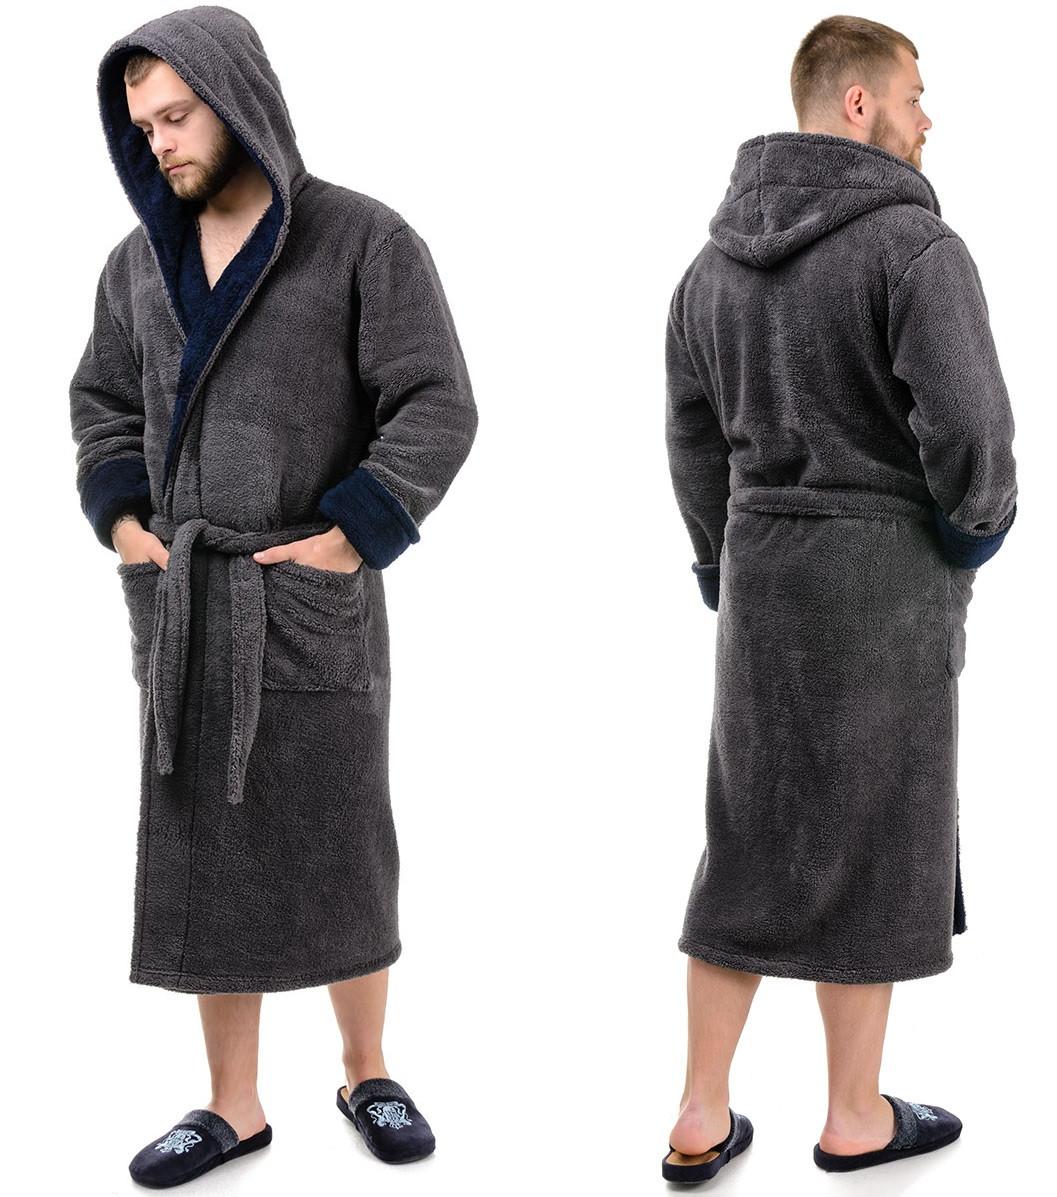 Теплый мужской халат махровый (велсофт) зимний с капюшоном